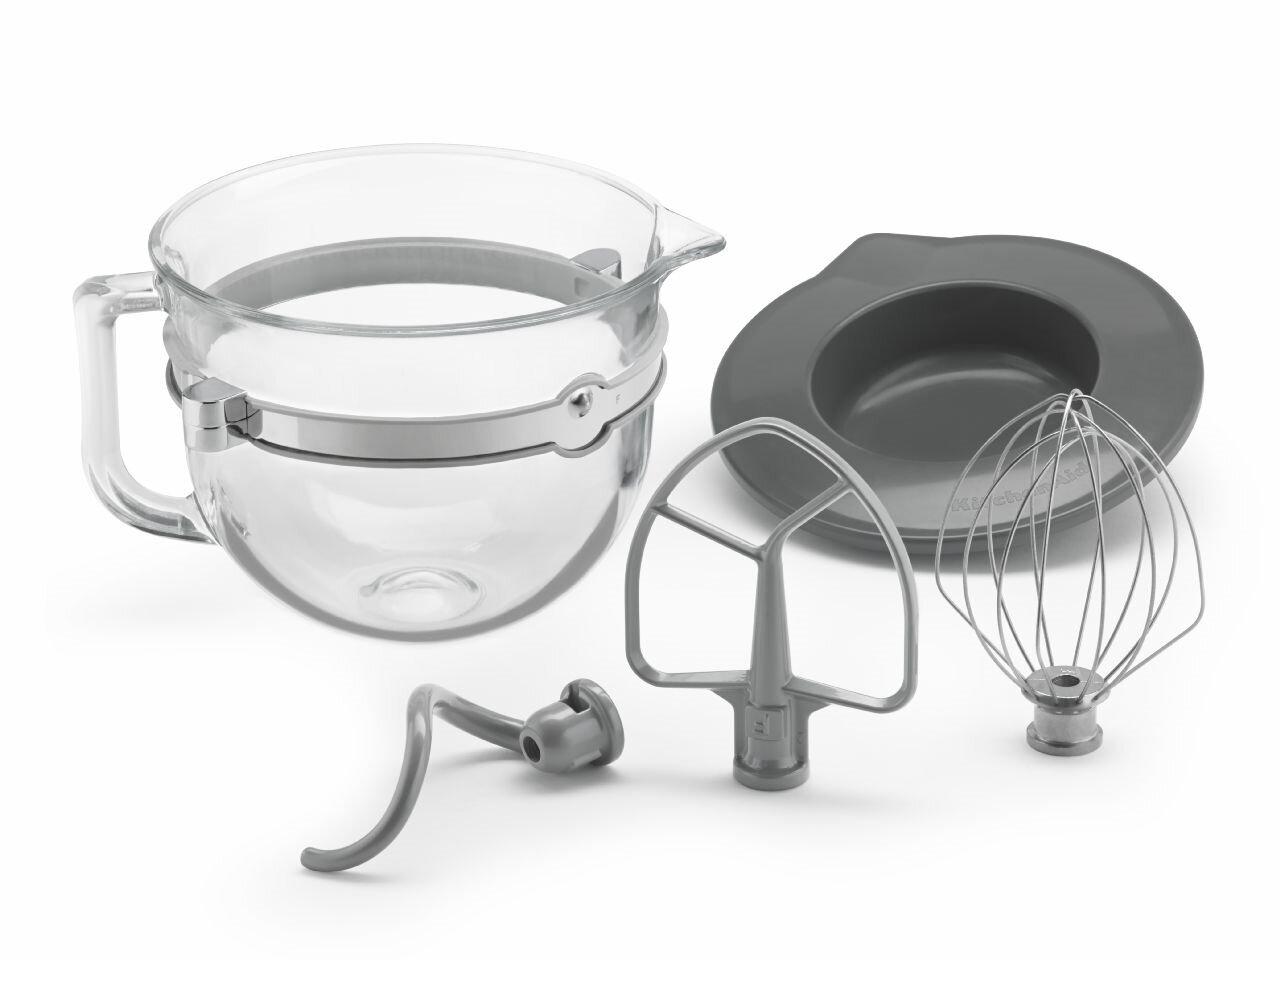 2286251e58a KitchenAid 6-qt. Glass Bowl Accessory Bundle   Reviews